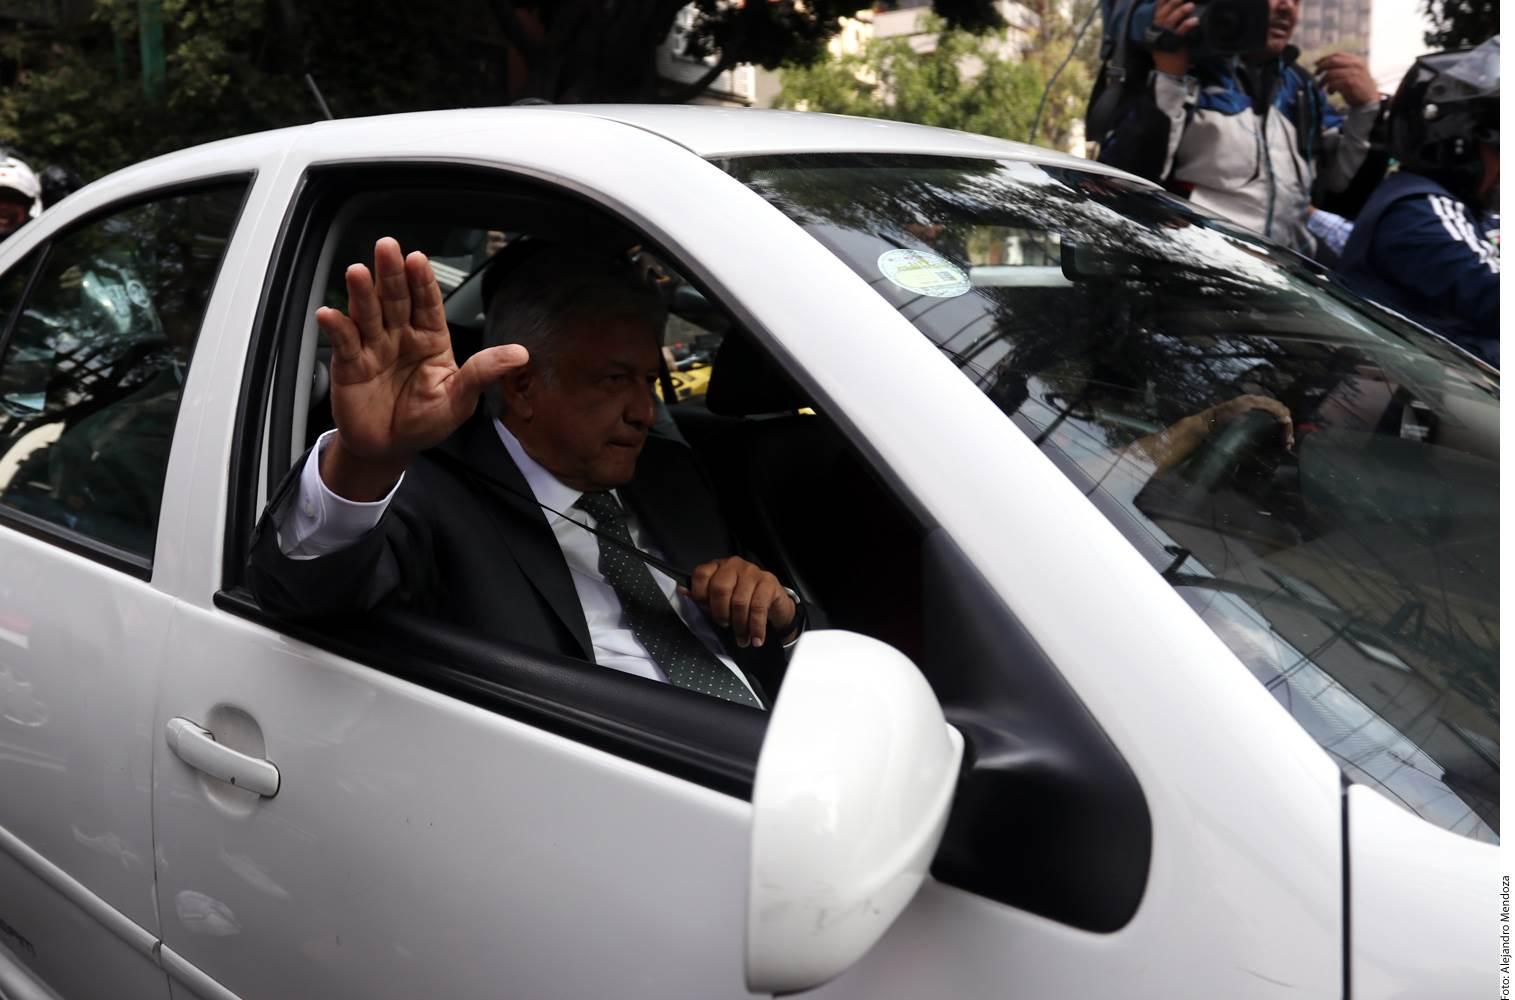 El candidato Andrés Manuel López Obrador (foto) fue recibido por los subjefes de seguridad y logística del Estado Mayor Presidencial en Palacio Nacional, quienes lo condujeron hasta la oficina del Presidente Enrique Peña Nieto.